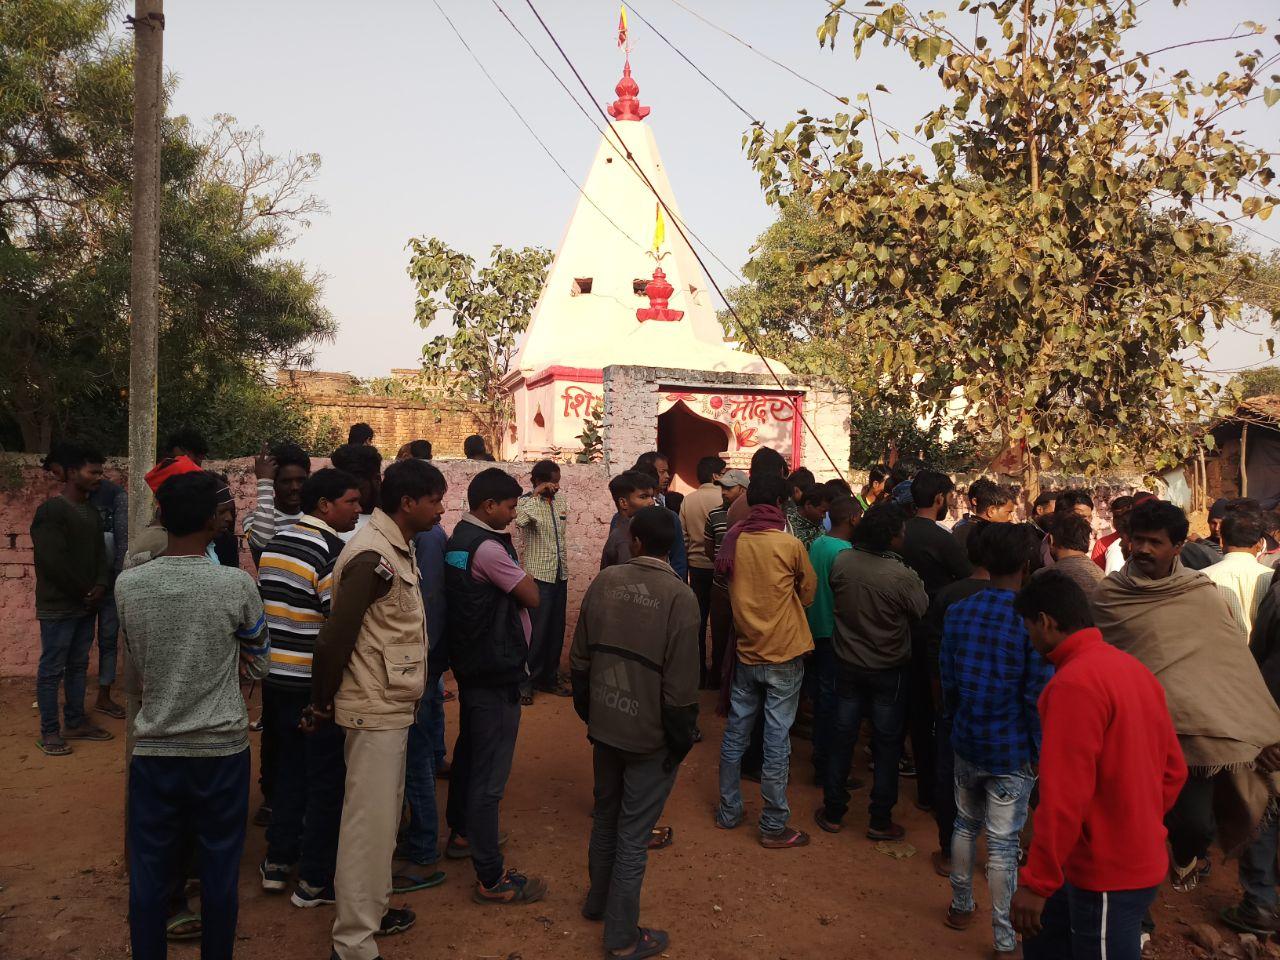 <p>रांची नगड़ी थाना क्षेत्र के देवरी गांव स्थित शिव मंदिर में बीती रात अज्ञात लोगों के द्वारा प्रतिबंधित मांस का टुकड़ा फेंका गया जिससे ग्रामीणों के बीच भारी आक्रोश है भारी संख्या में…